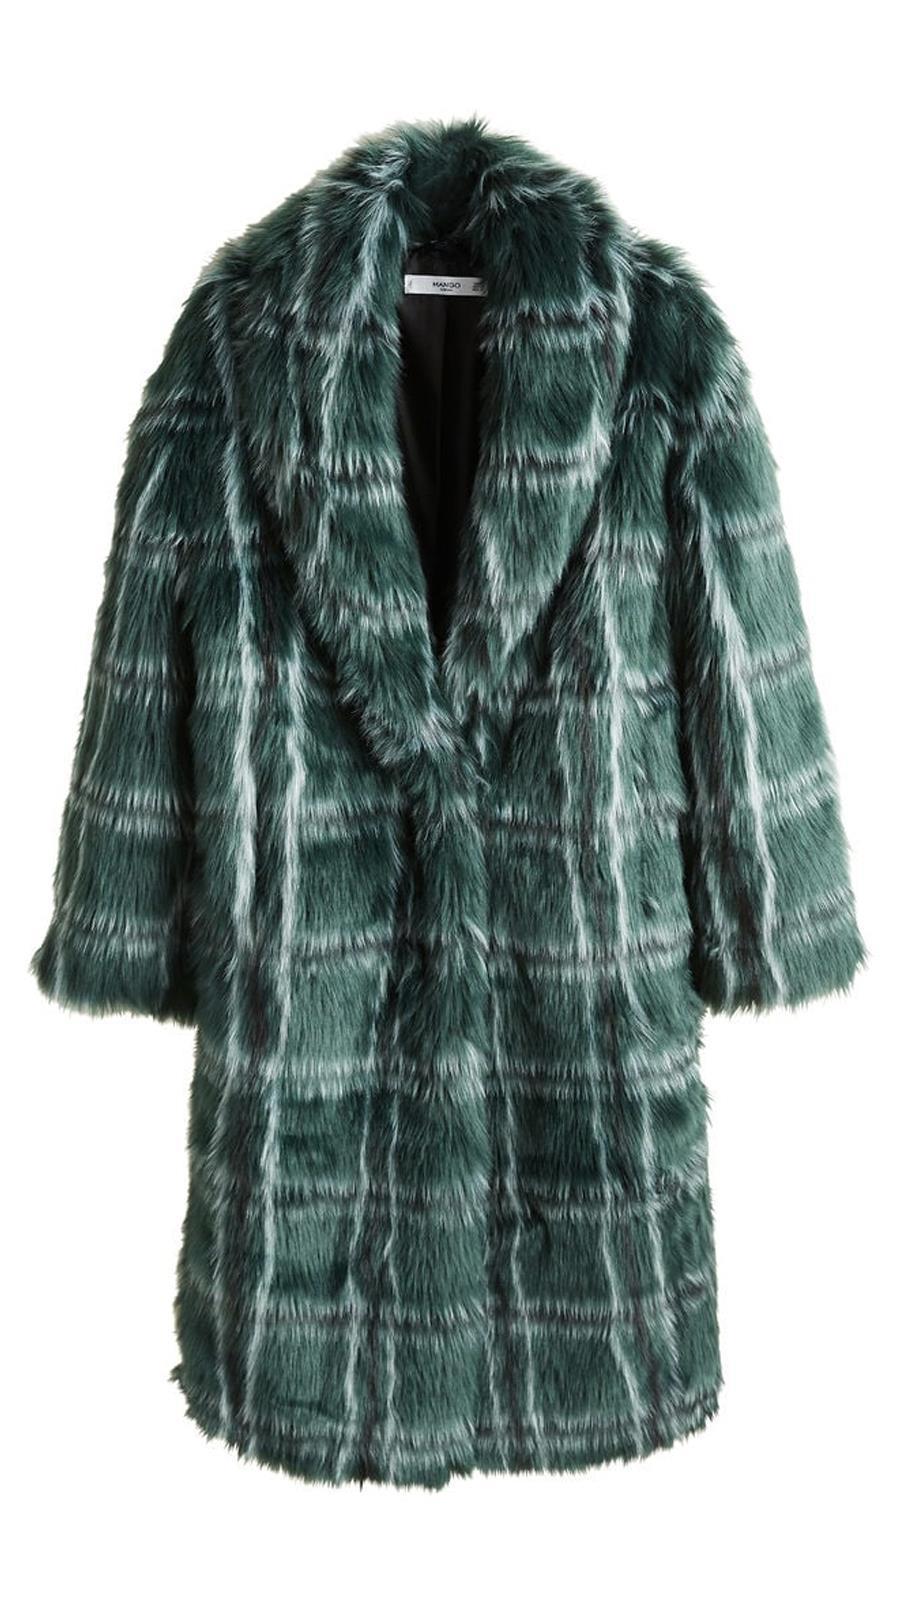 Instyle Abrigos Este De Mujer Invierno 10 Moda Que Cuadros Están nv4IgIqY7